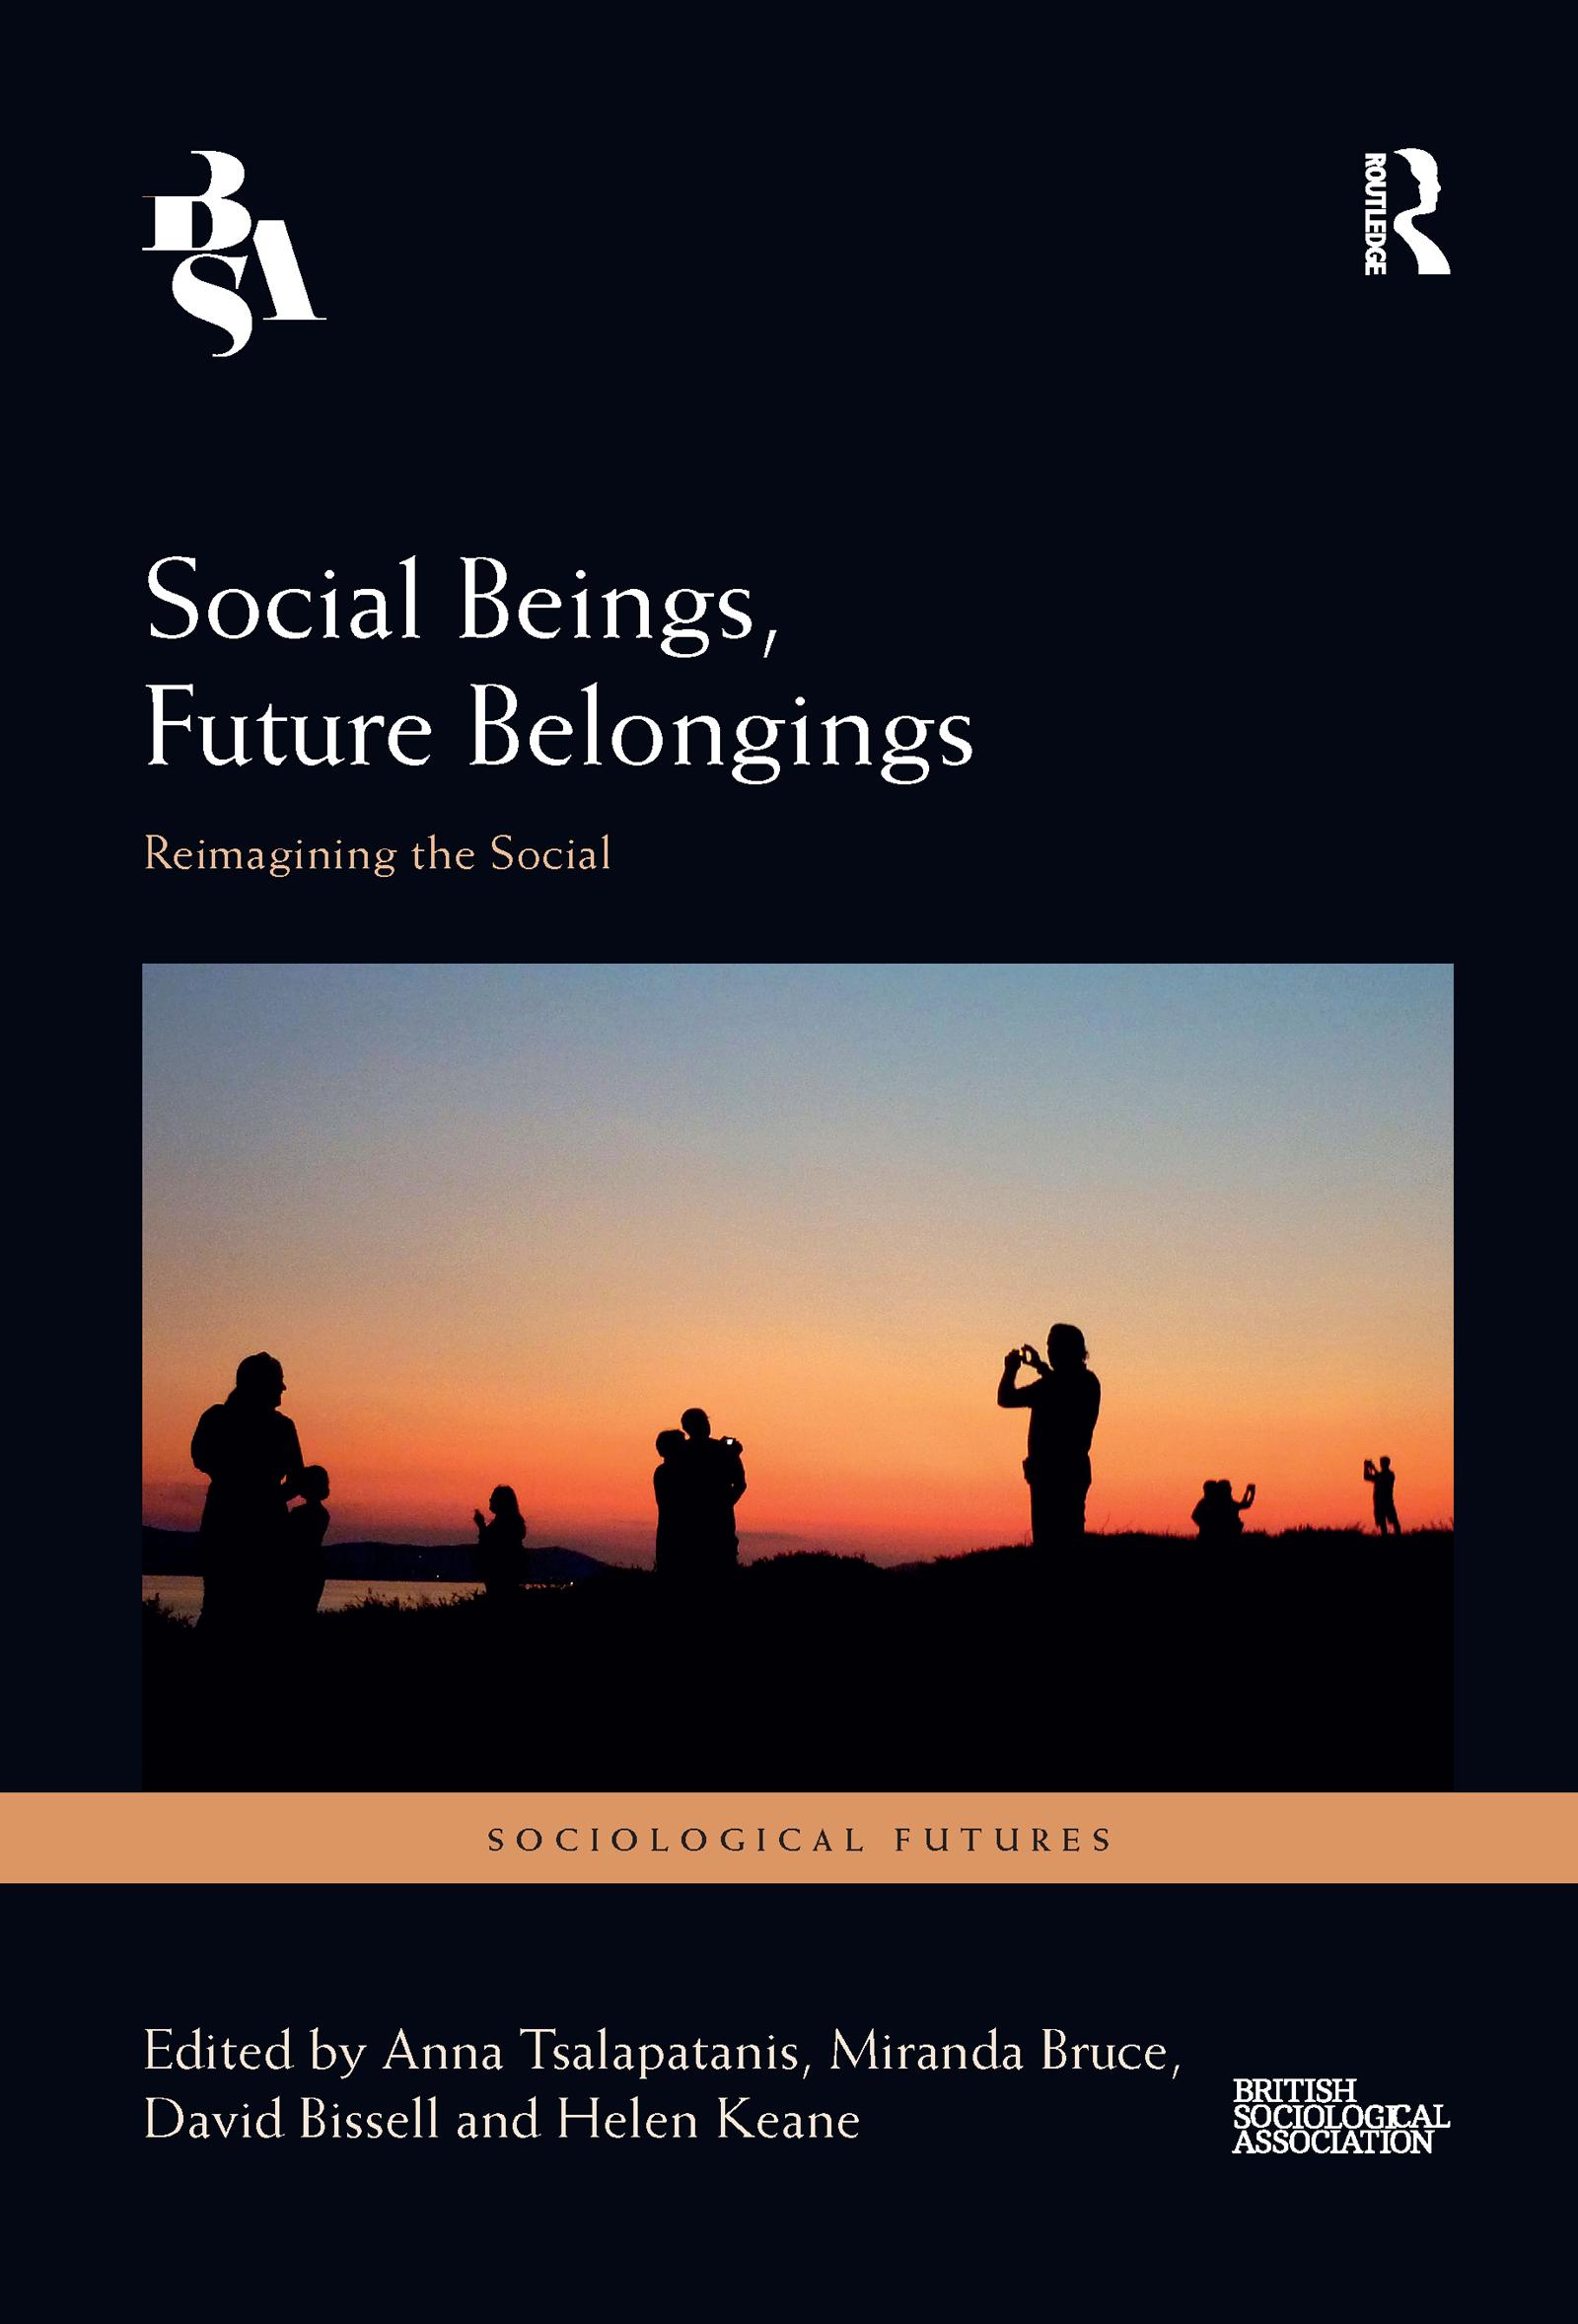 Social Beings, Future Belongings